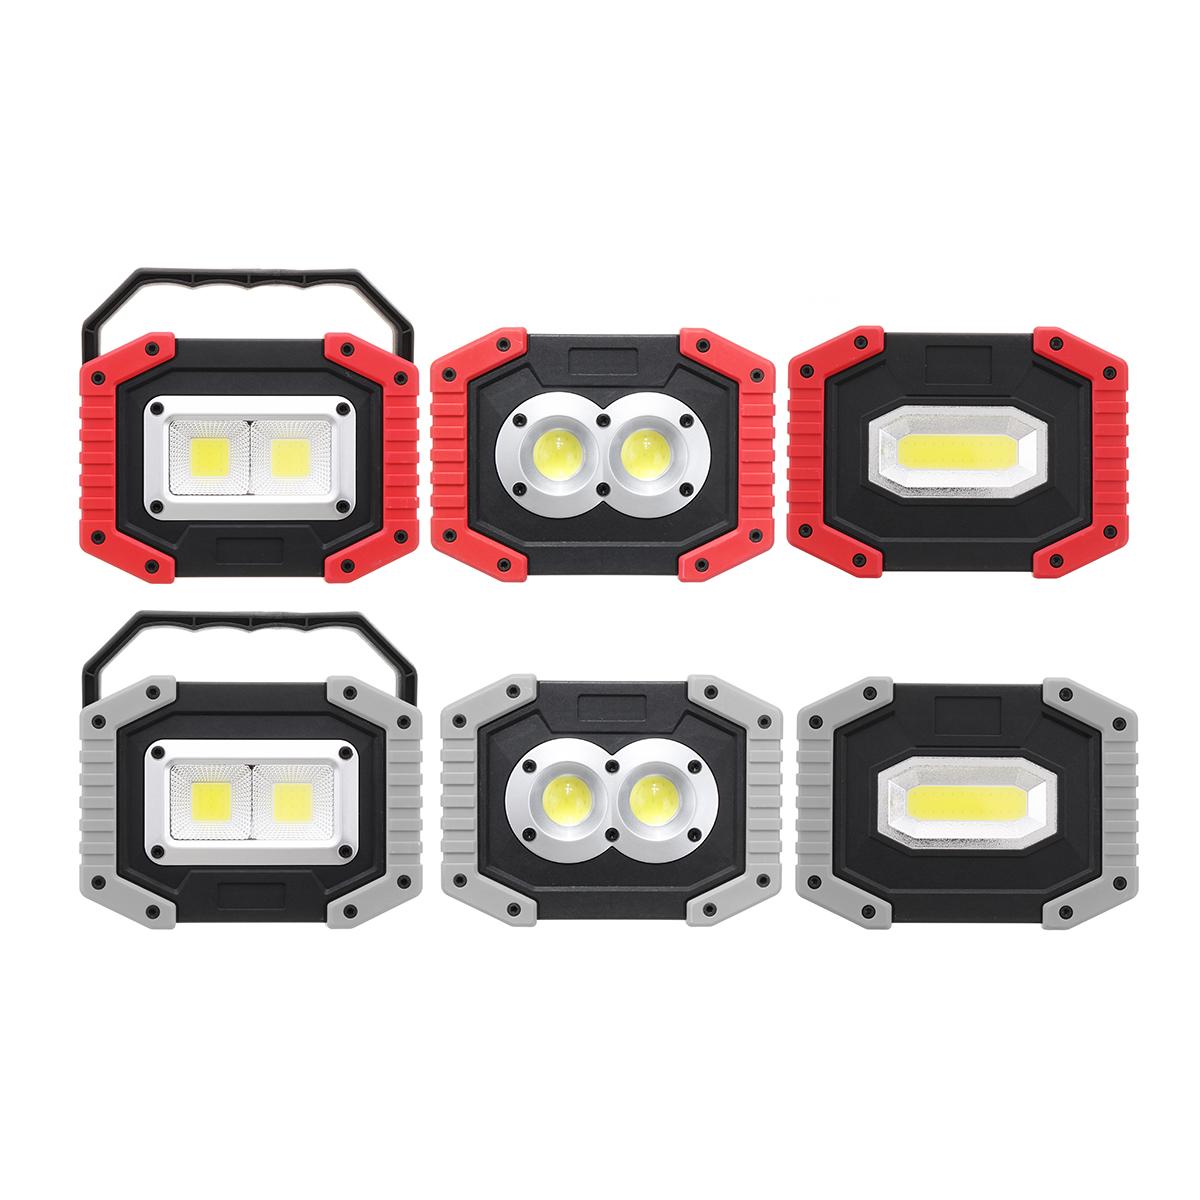 Xmund XD-SL2 30 Вт USB LED COB На открытом воздухе 3 режима рабочего освещения Кемпинг Фонарь аварийного фонаря Прожекто - фото 3